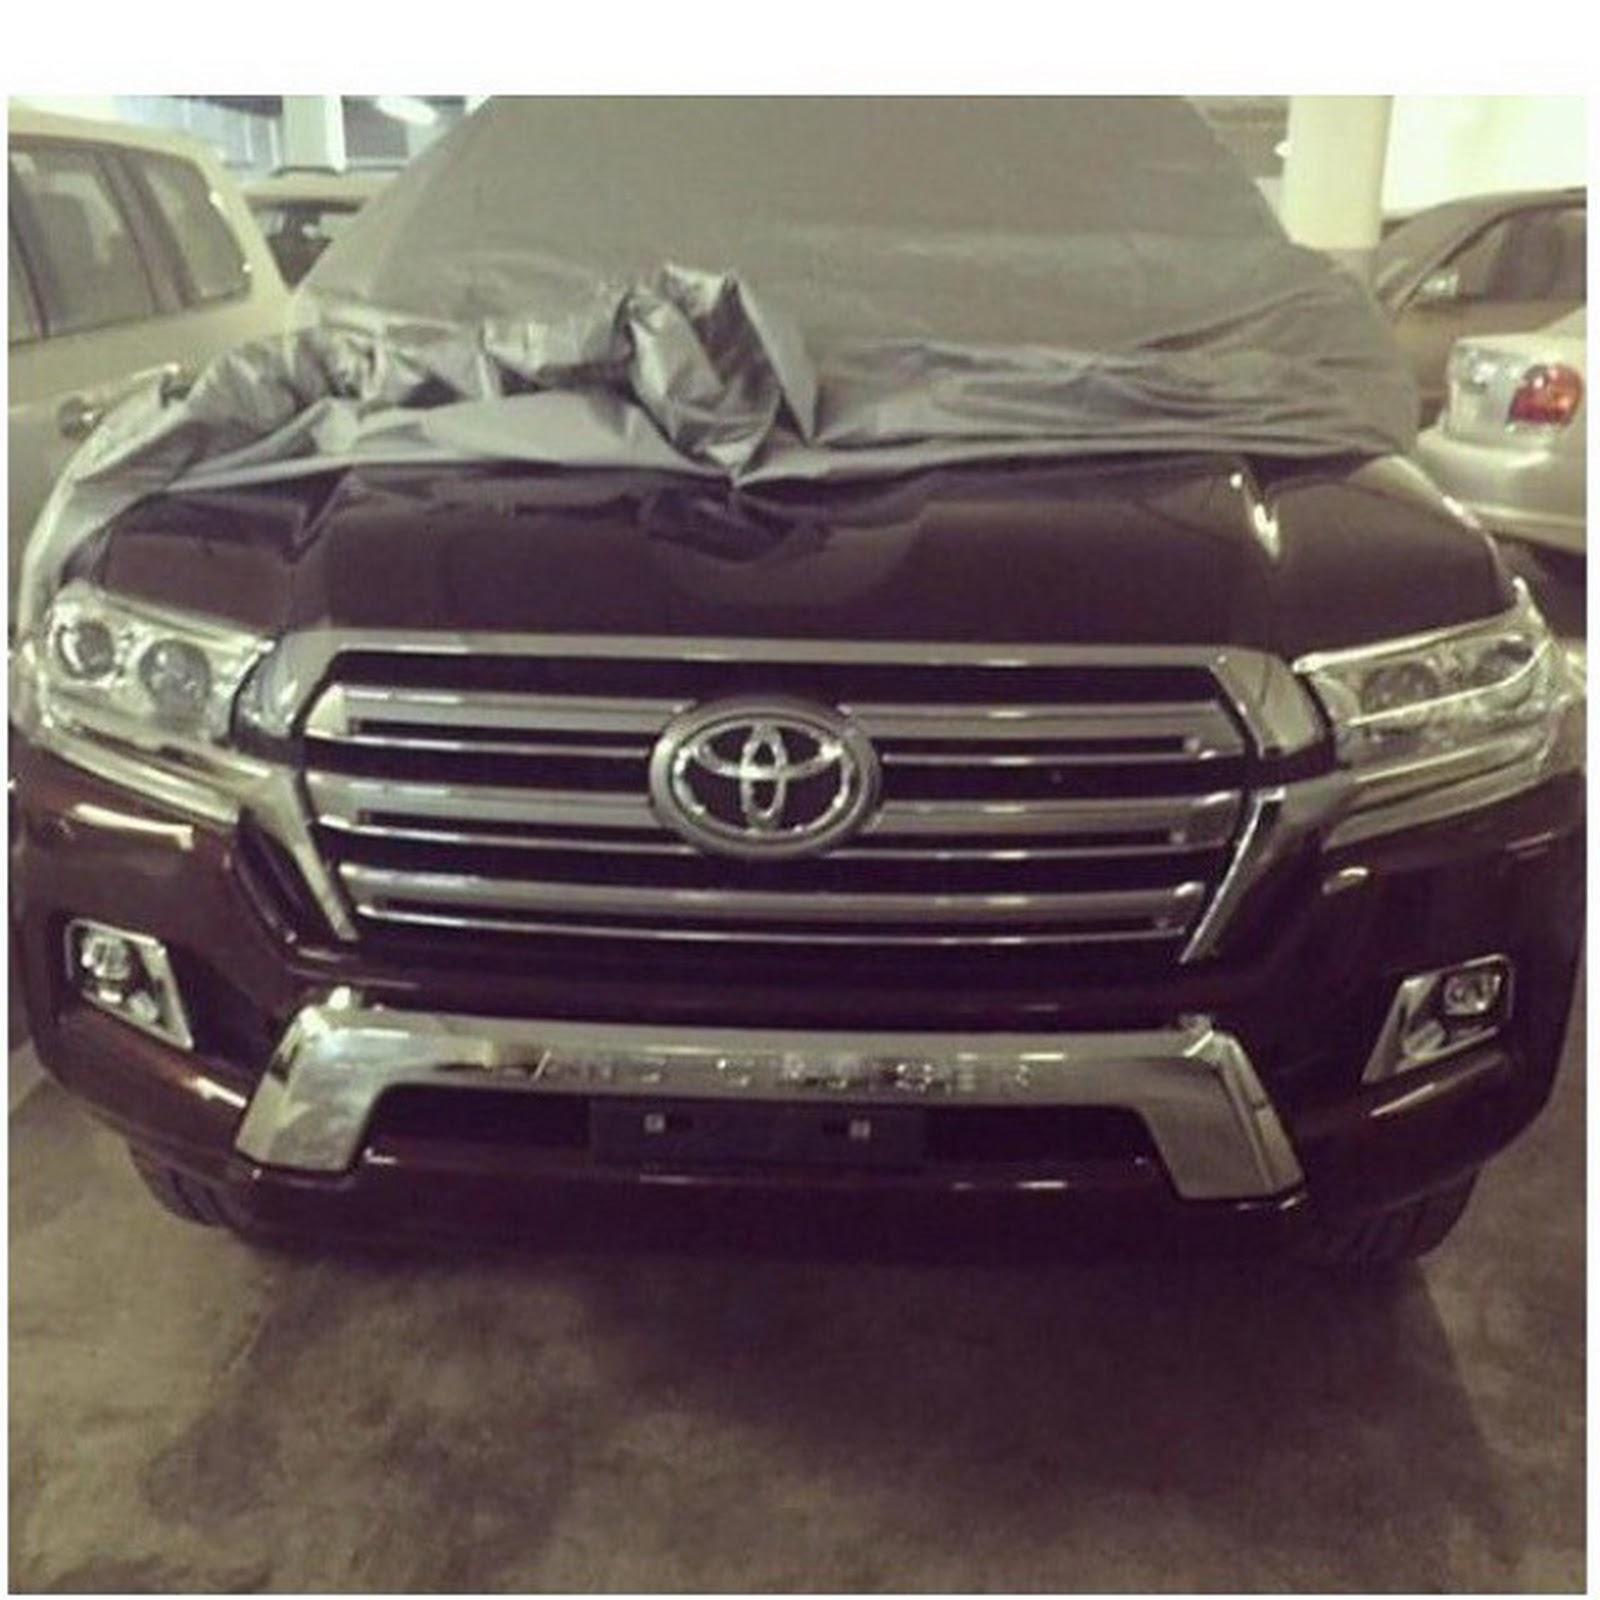 2016-Toyota-LC4 2016 டொயோட்டா லேண்ட் க்ரூஸர் படம் வெளியானது